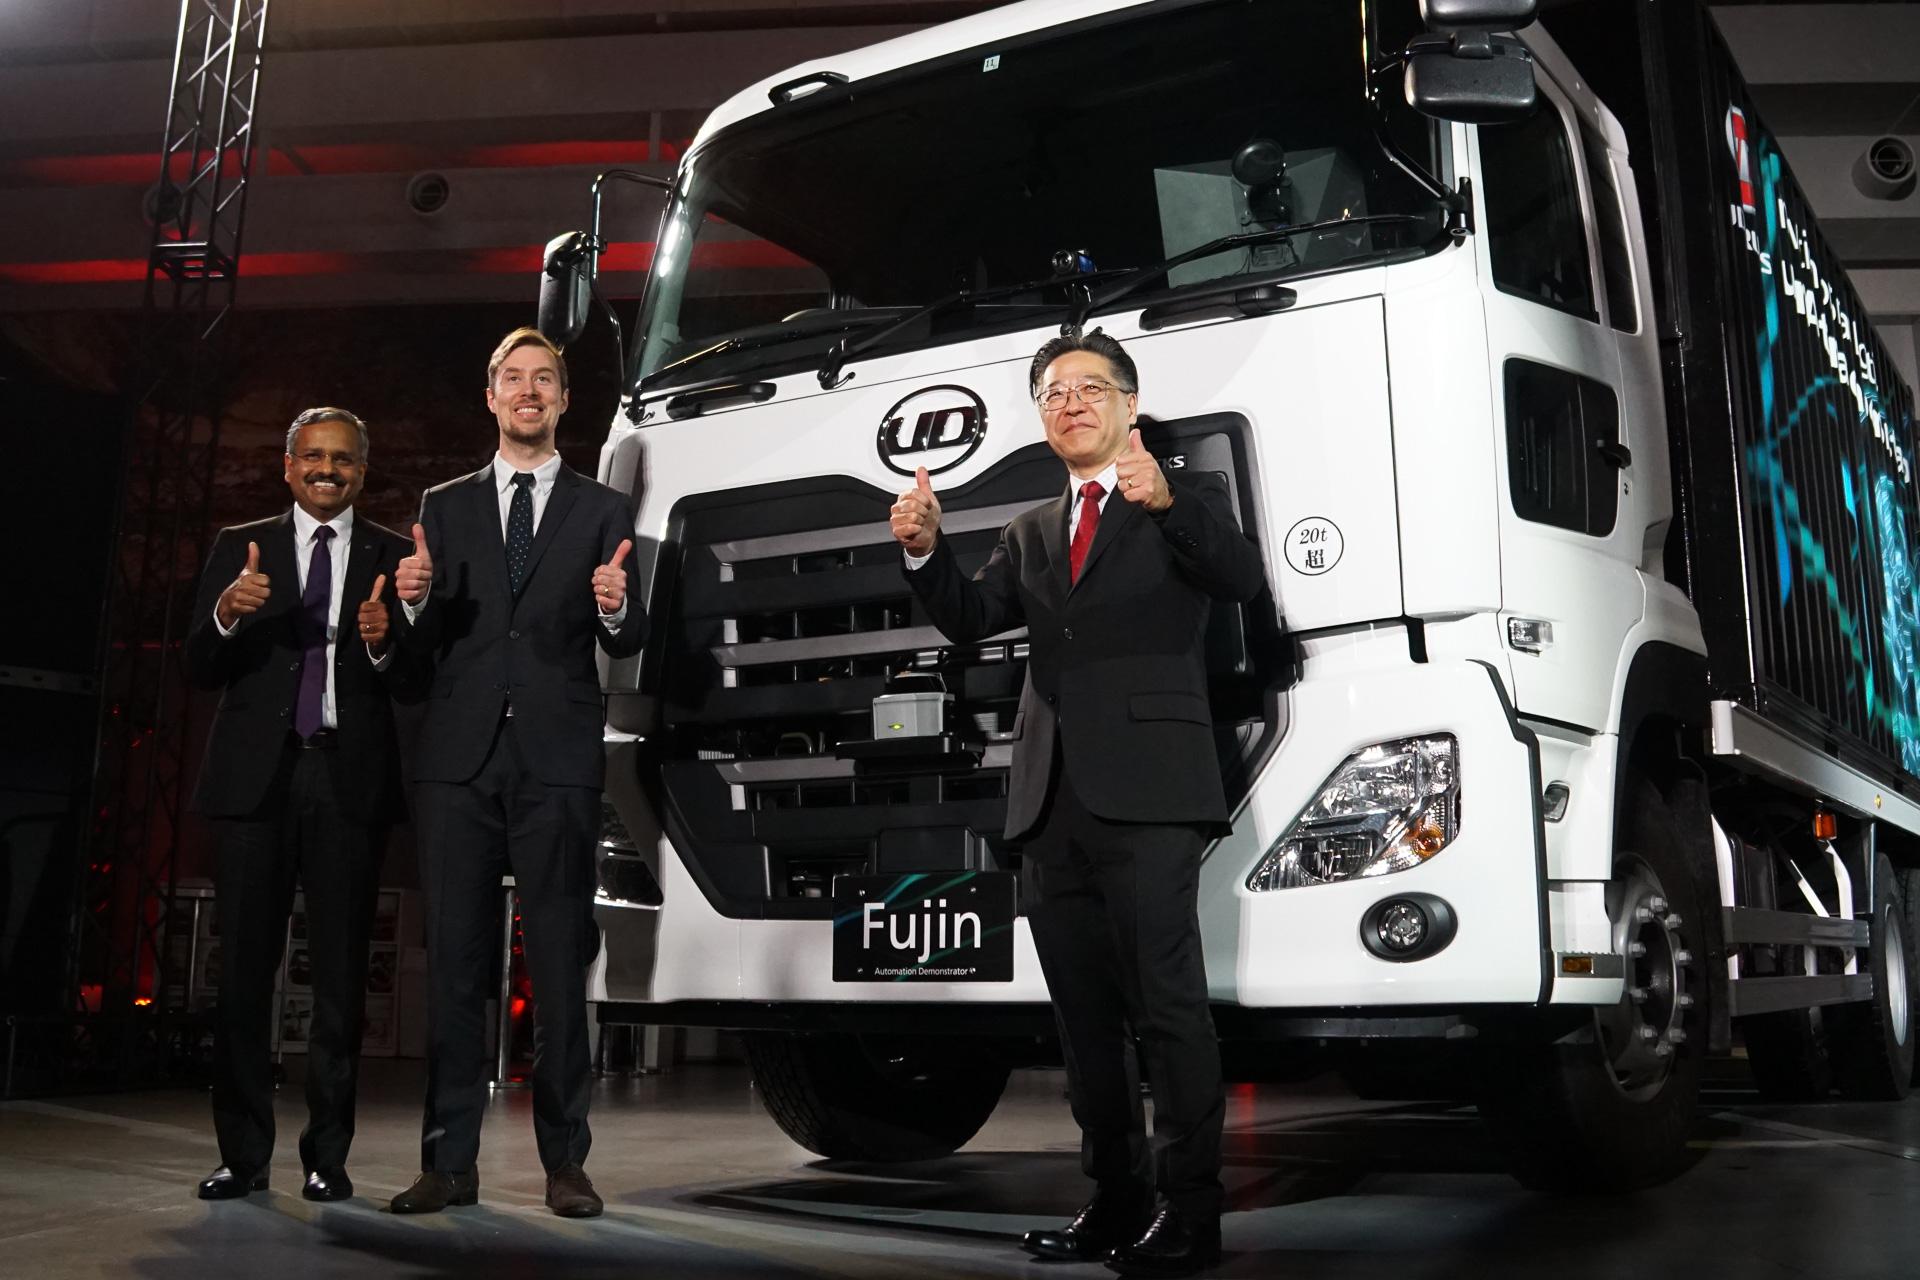 UDトラックス、大型トラックのレベル4自動運転デモ初公開。2020年までに実用化を目指す